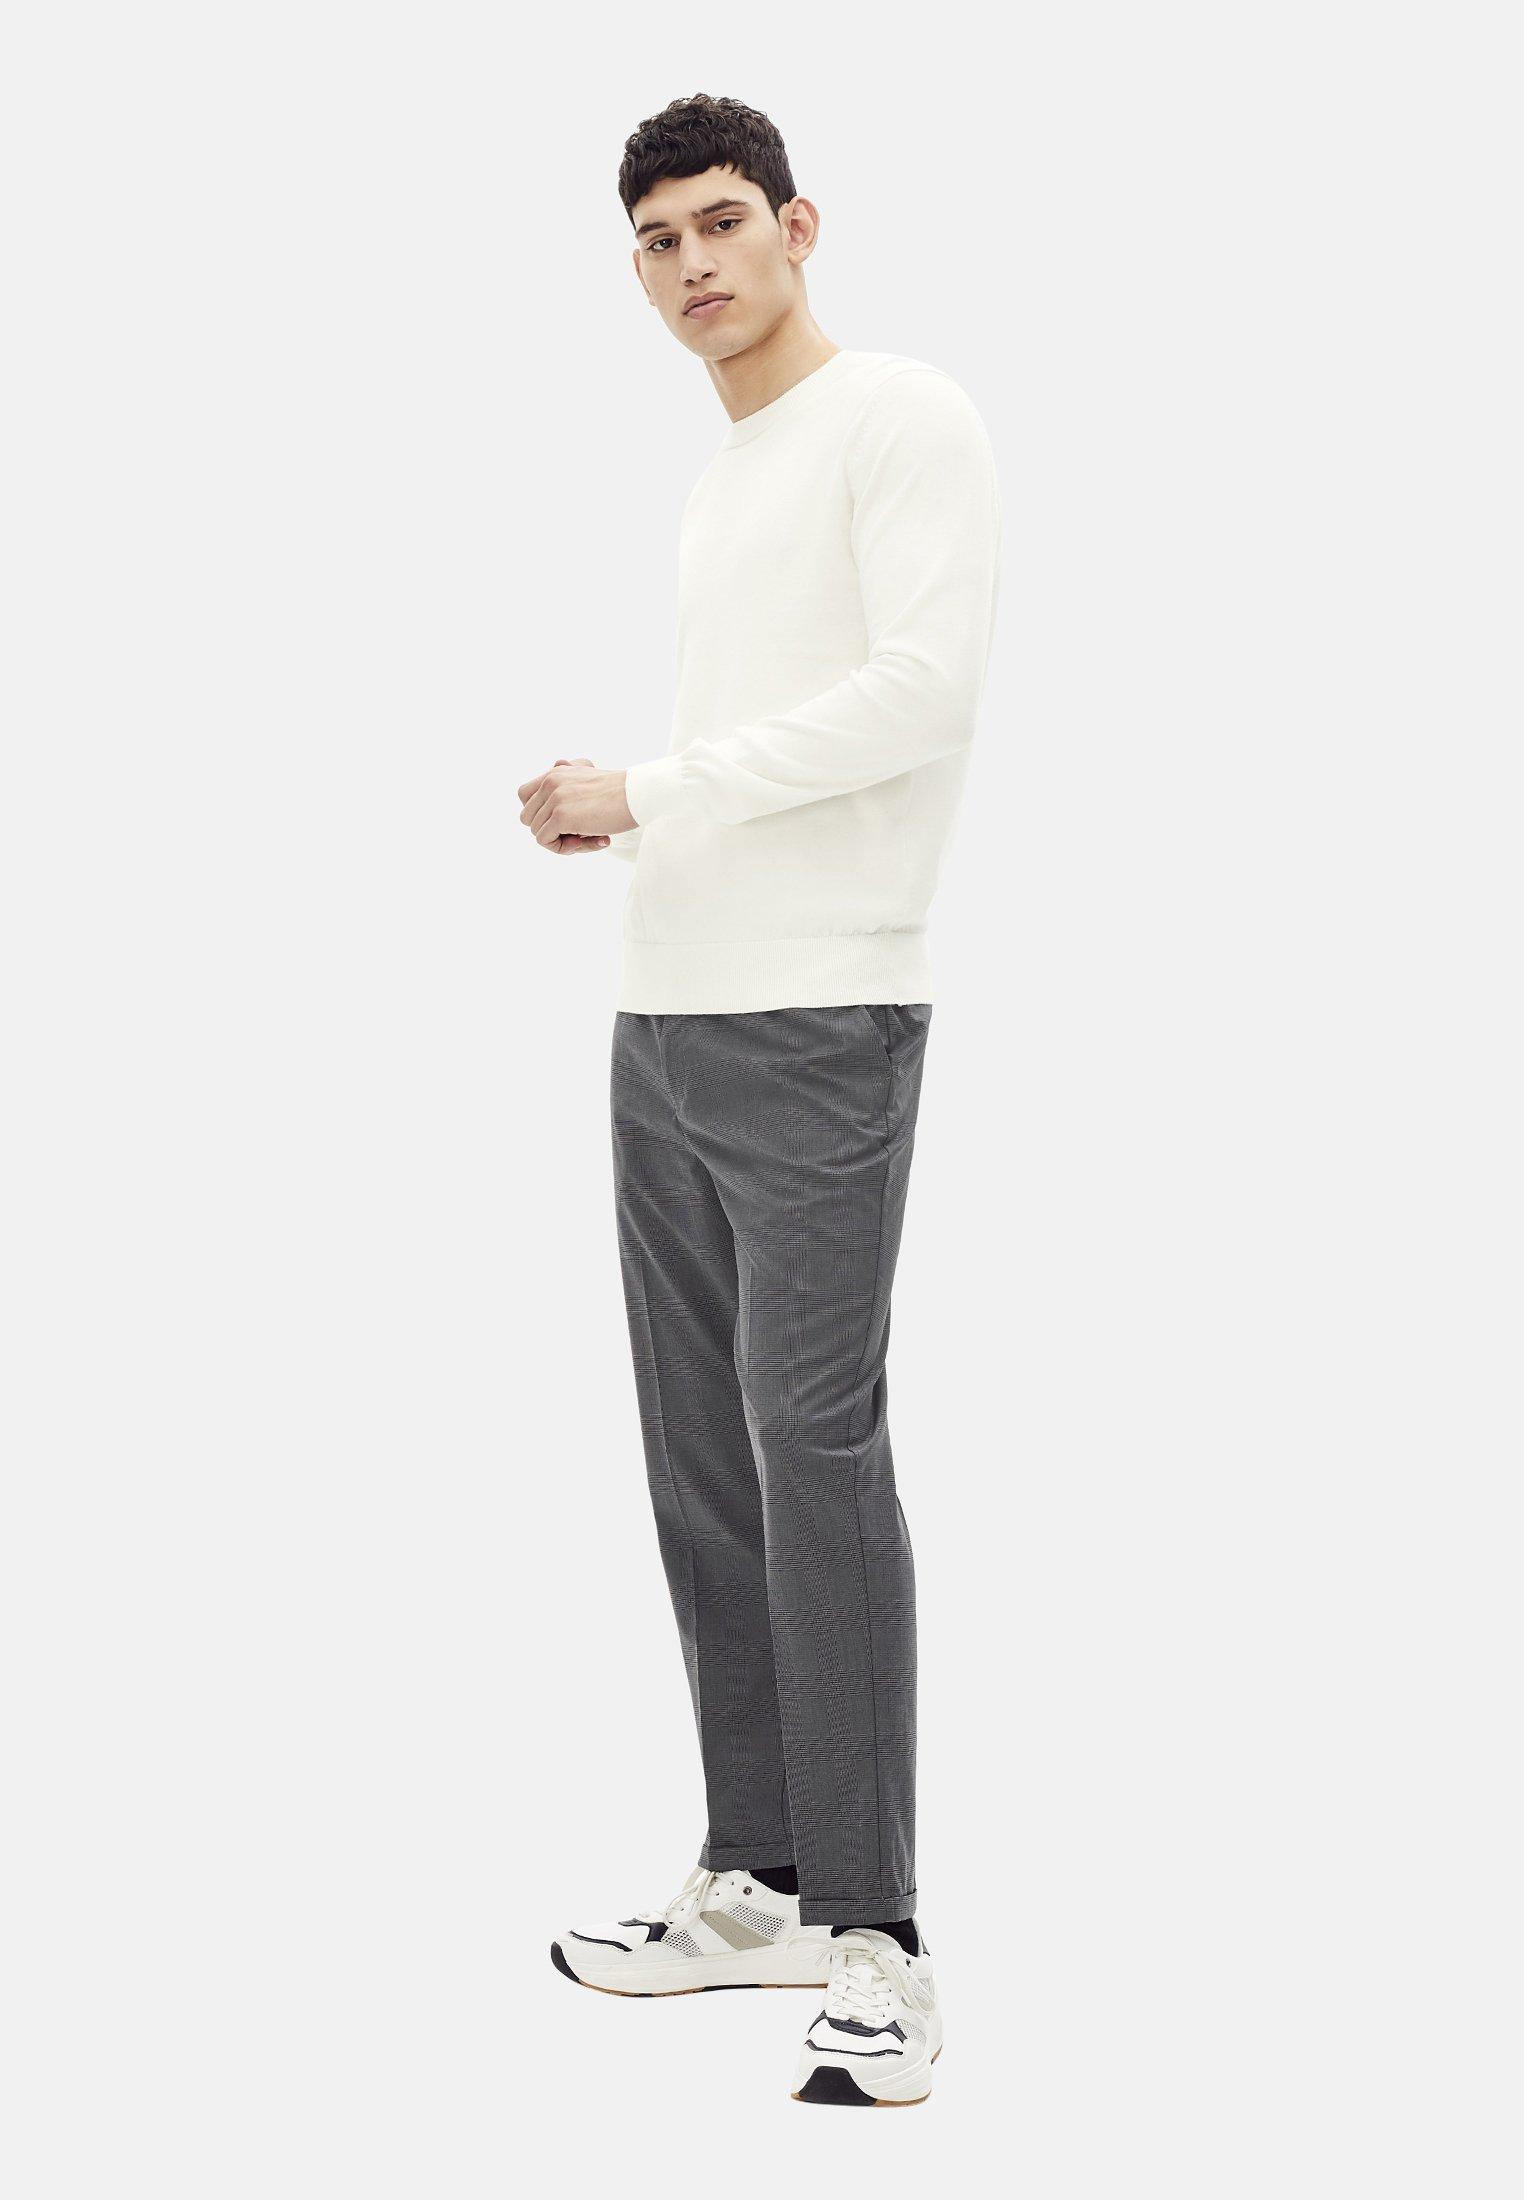 CELIO RECREW Pullover off white ZALANDO.FR